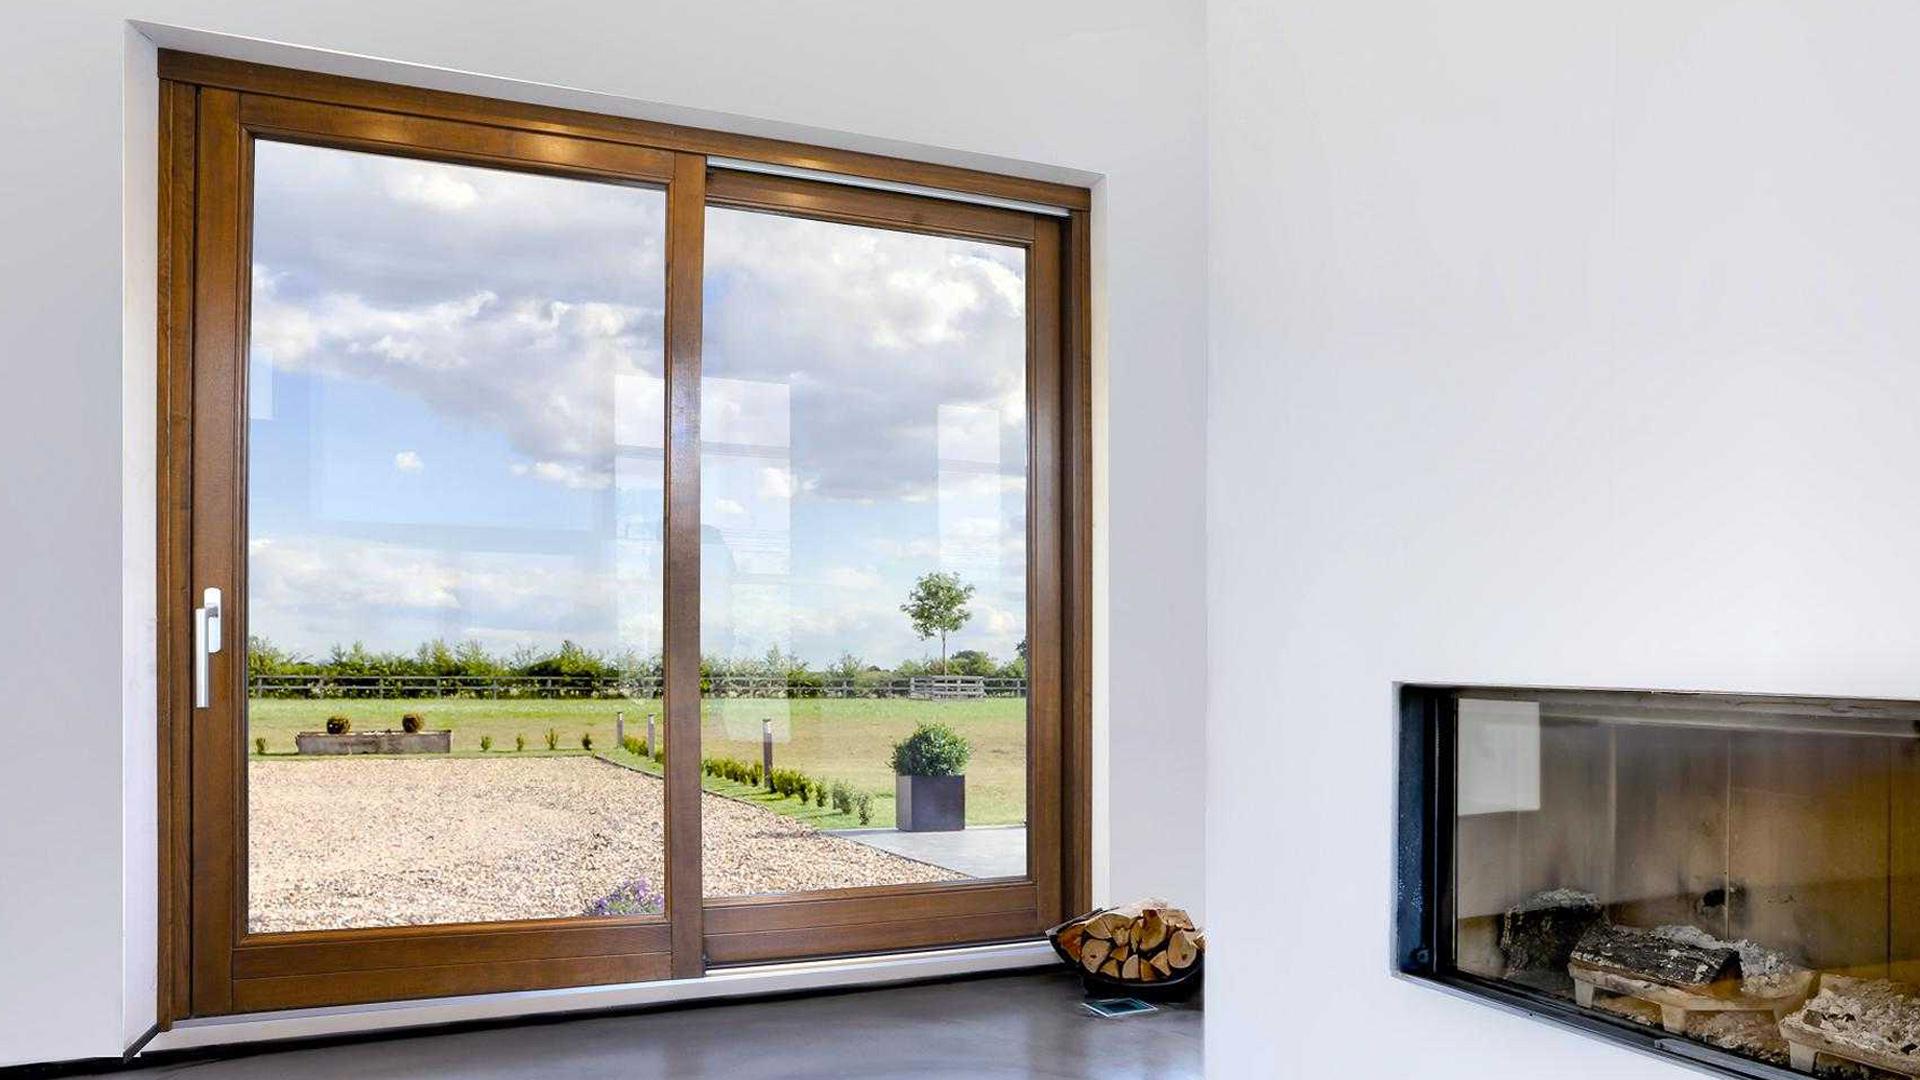 Vendita Porte A Genova finestre legno | parquet genova